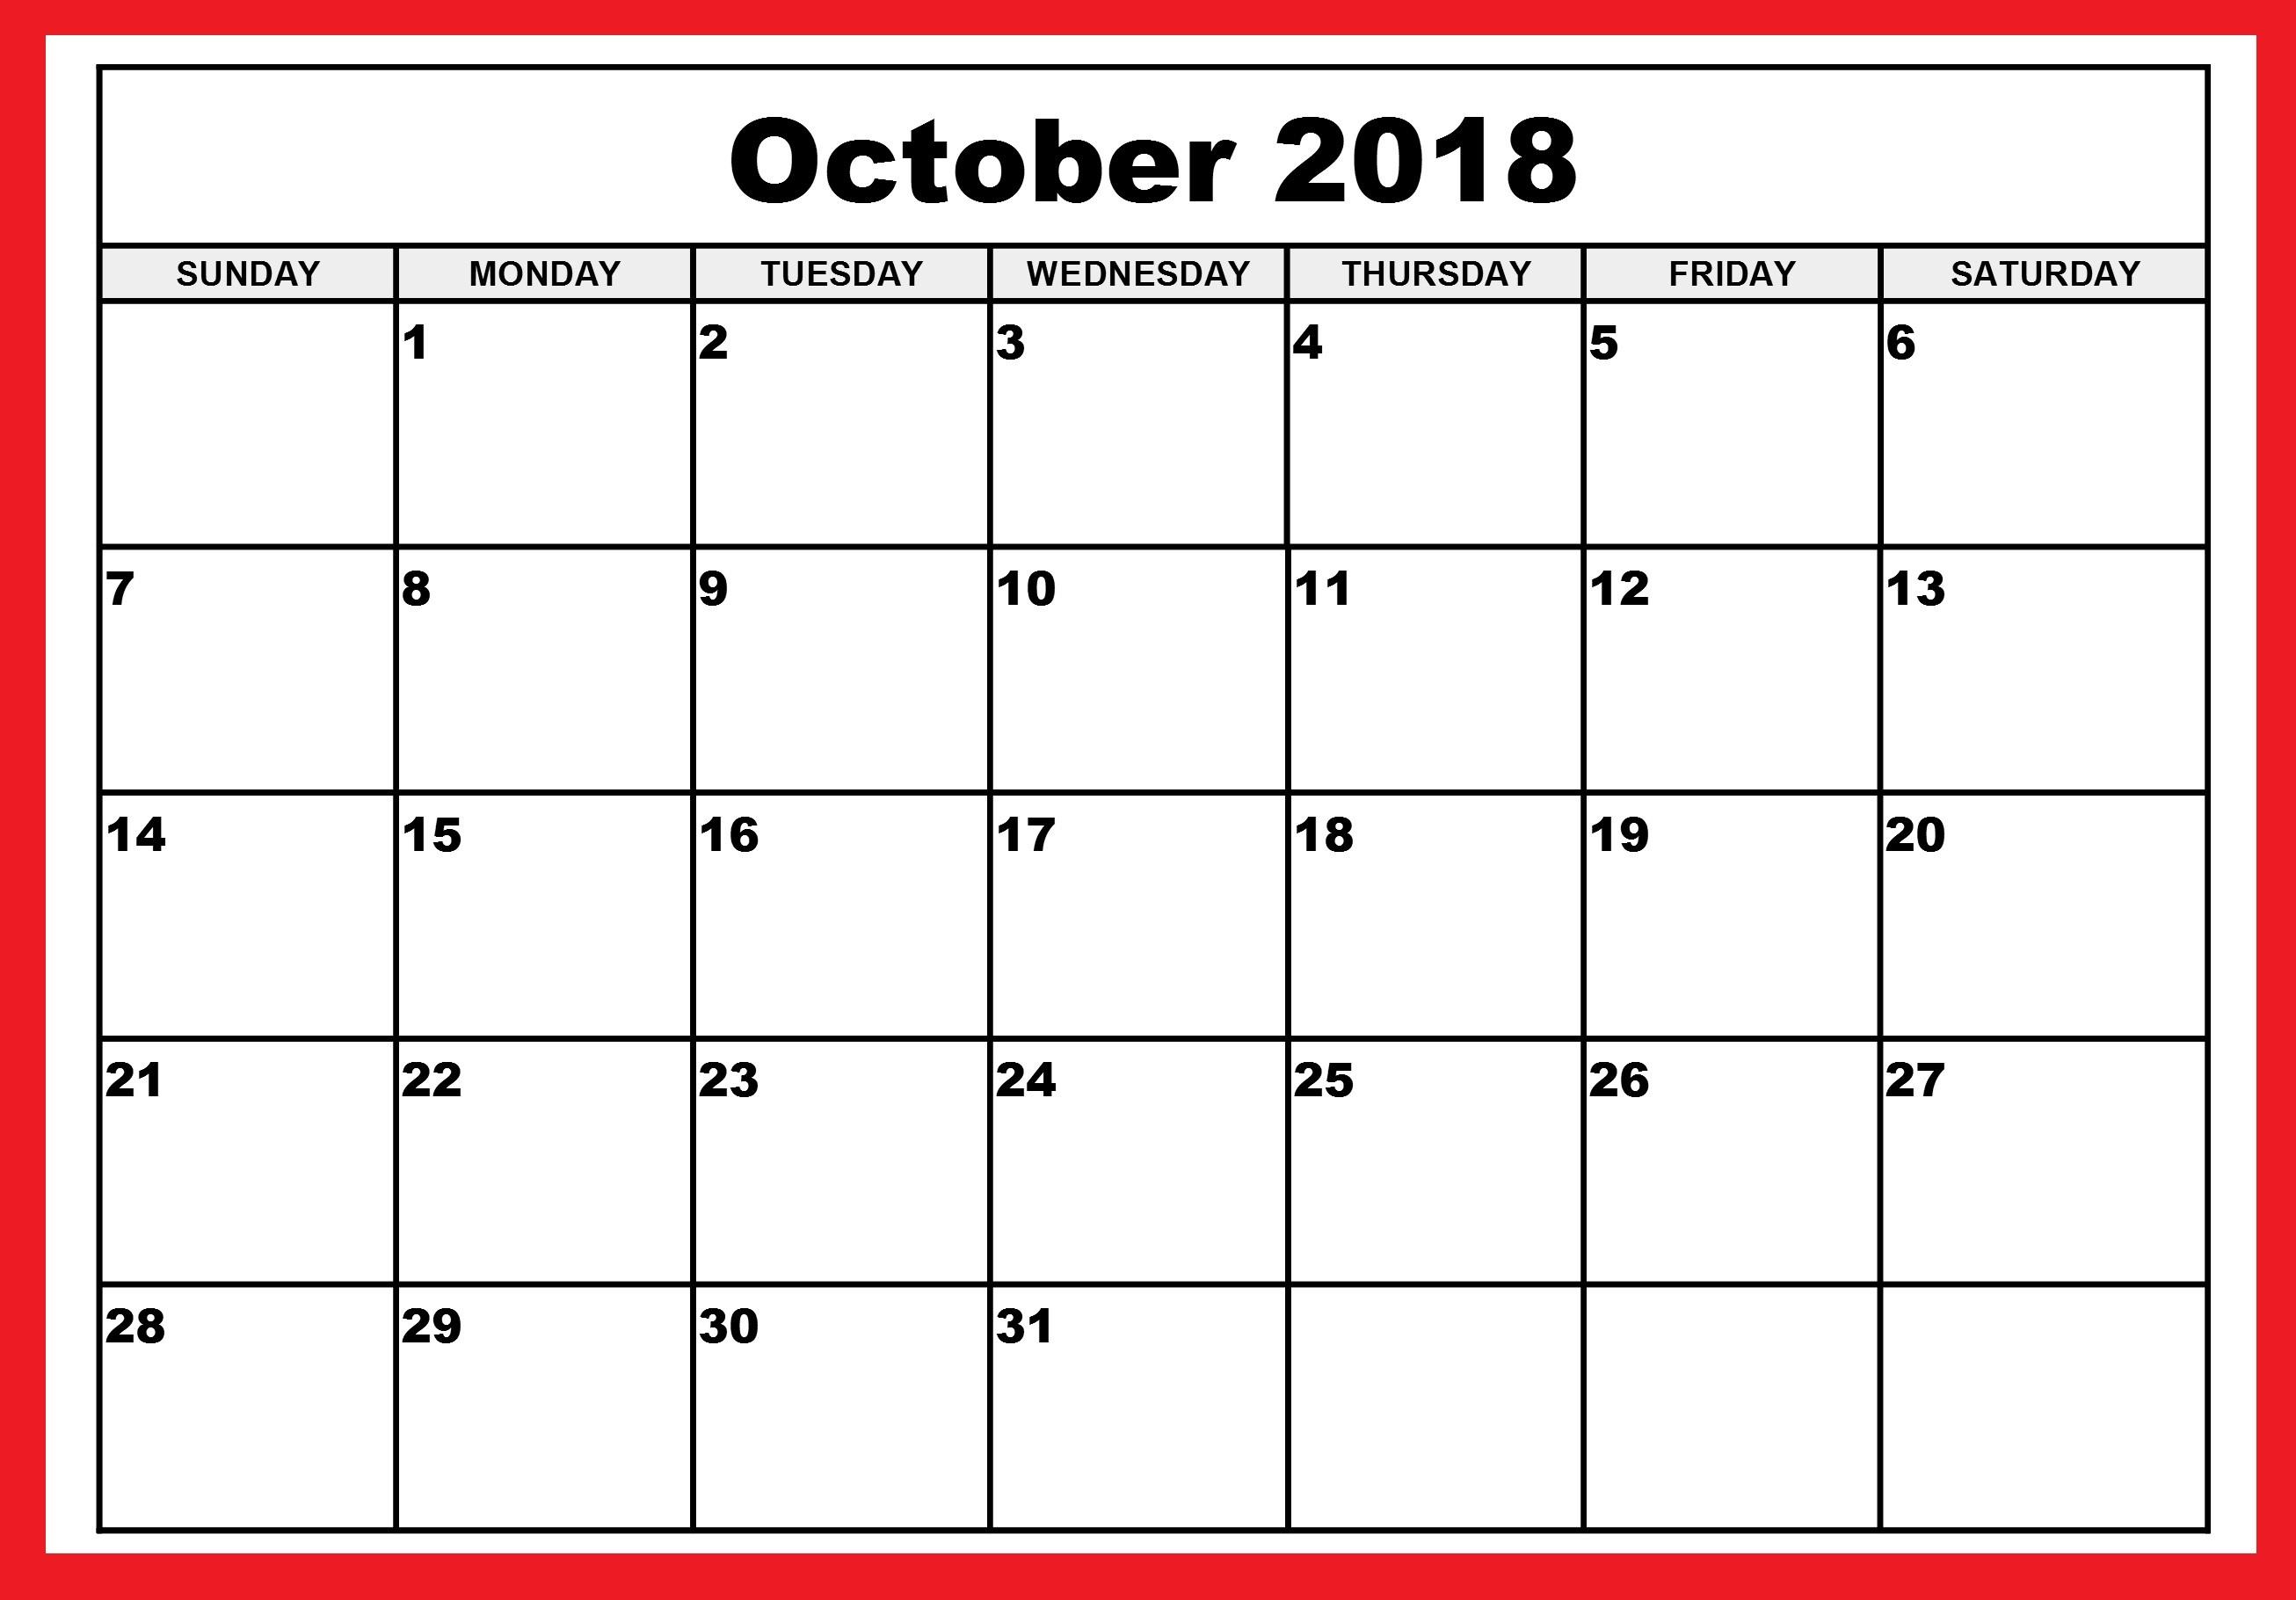 March 6 Calendar Más Reciente 6 Month Calender Lara Expolicenciaslatam Of March 6 Calendar Actual March 24 2019 Calendar